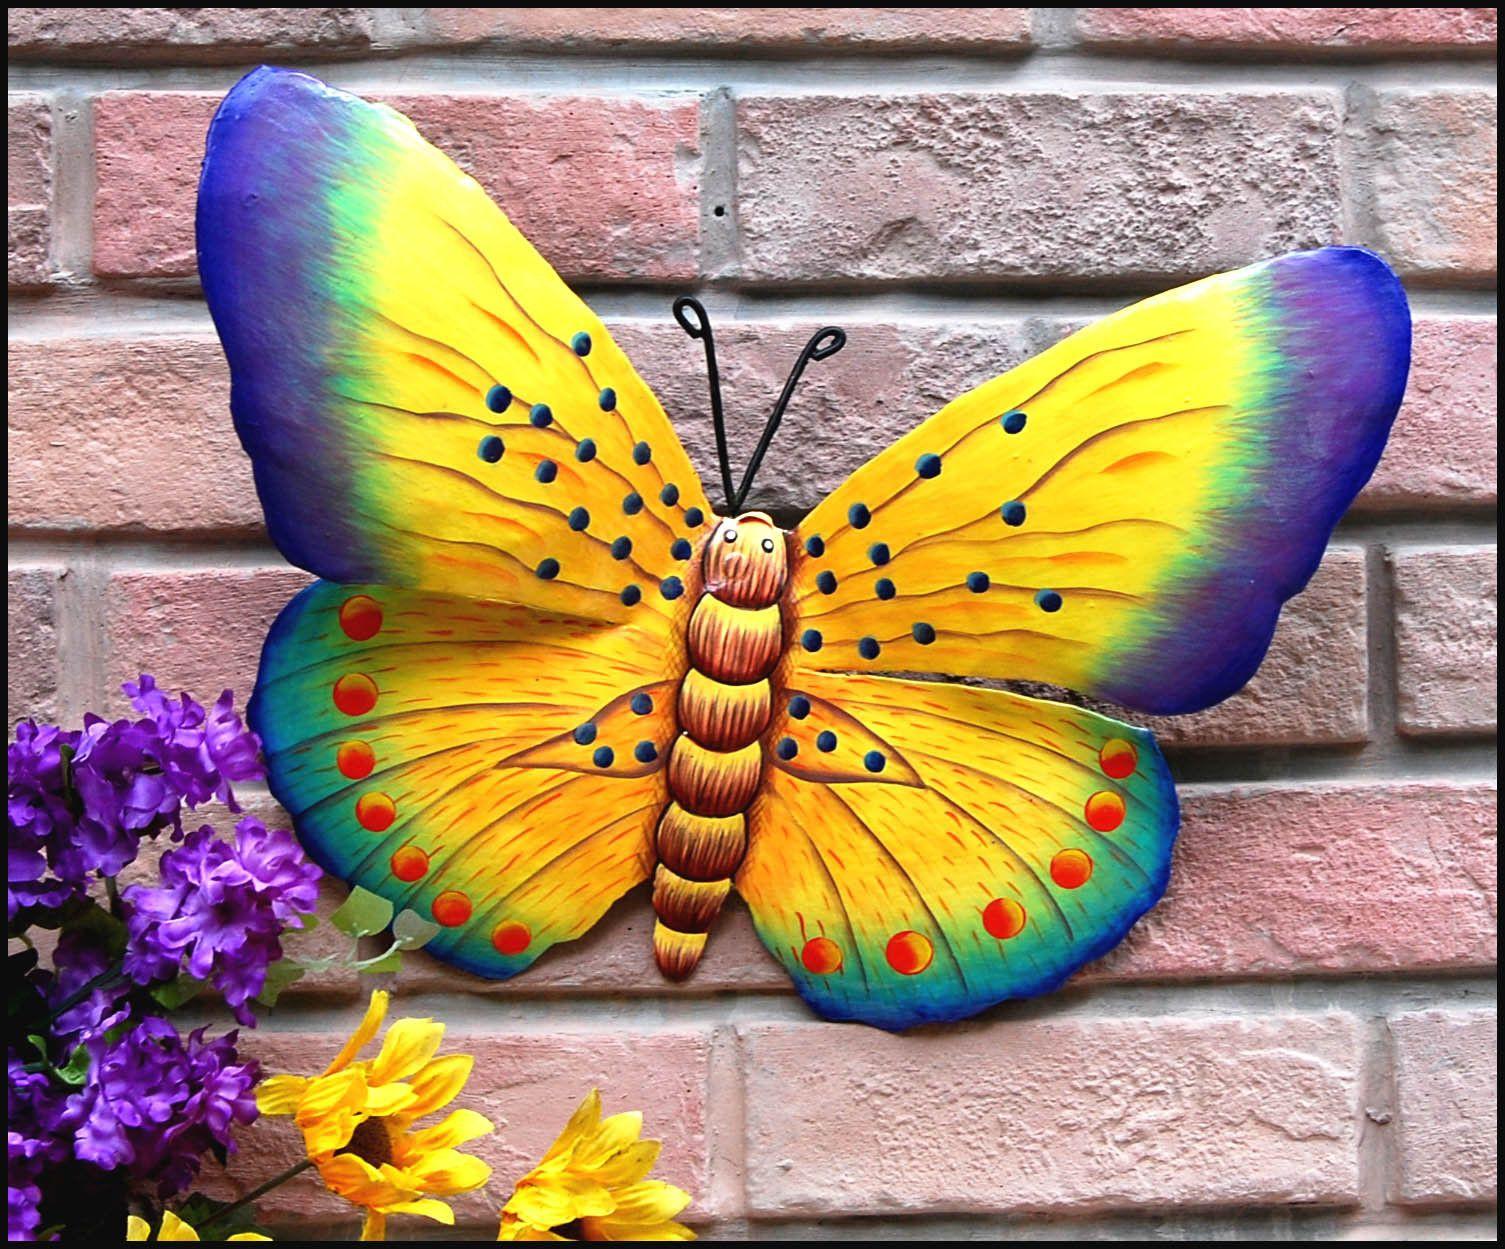 Pin on Butterflies, Butterfly art, Painted metal butterflies